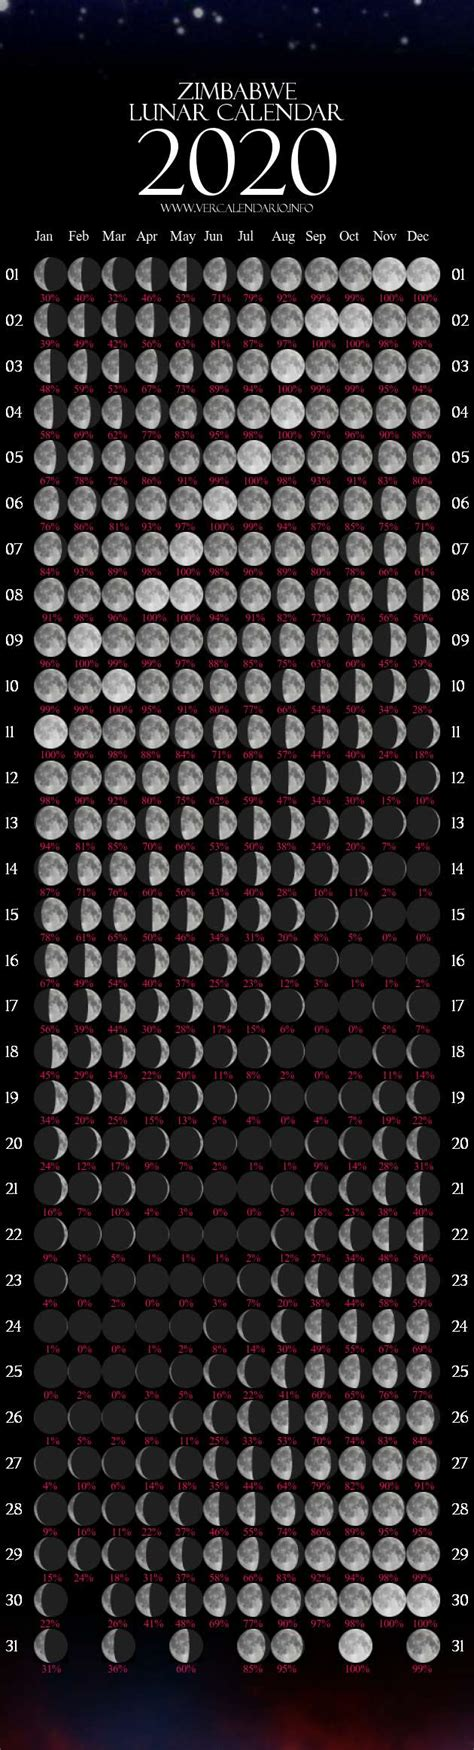 lunar calendar  zimbabwe